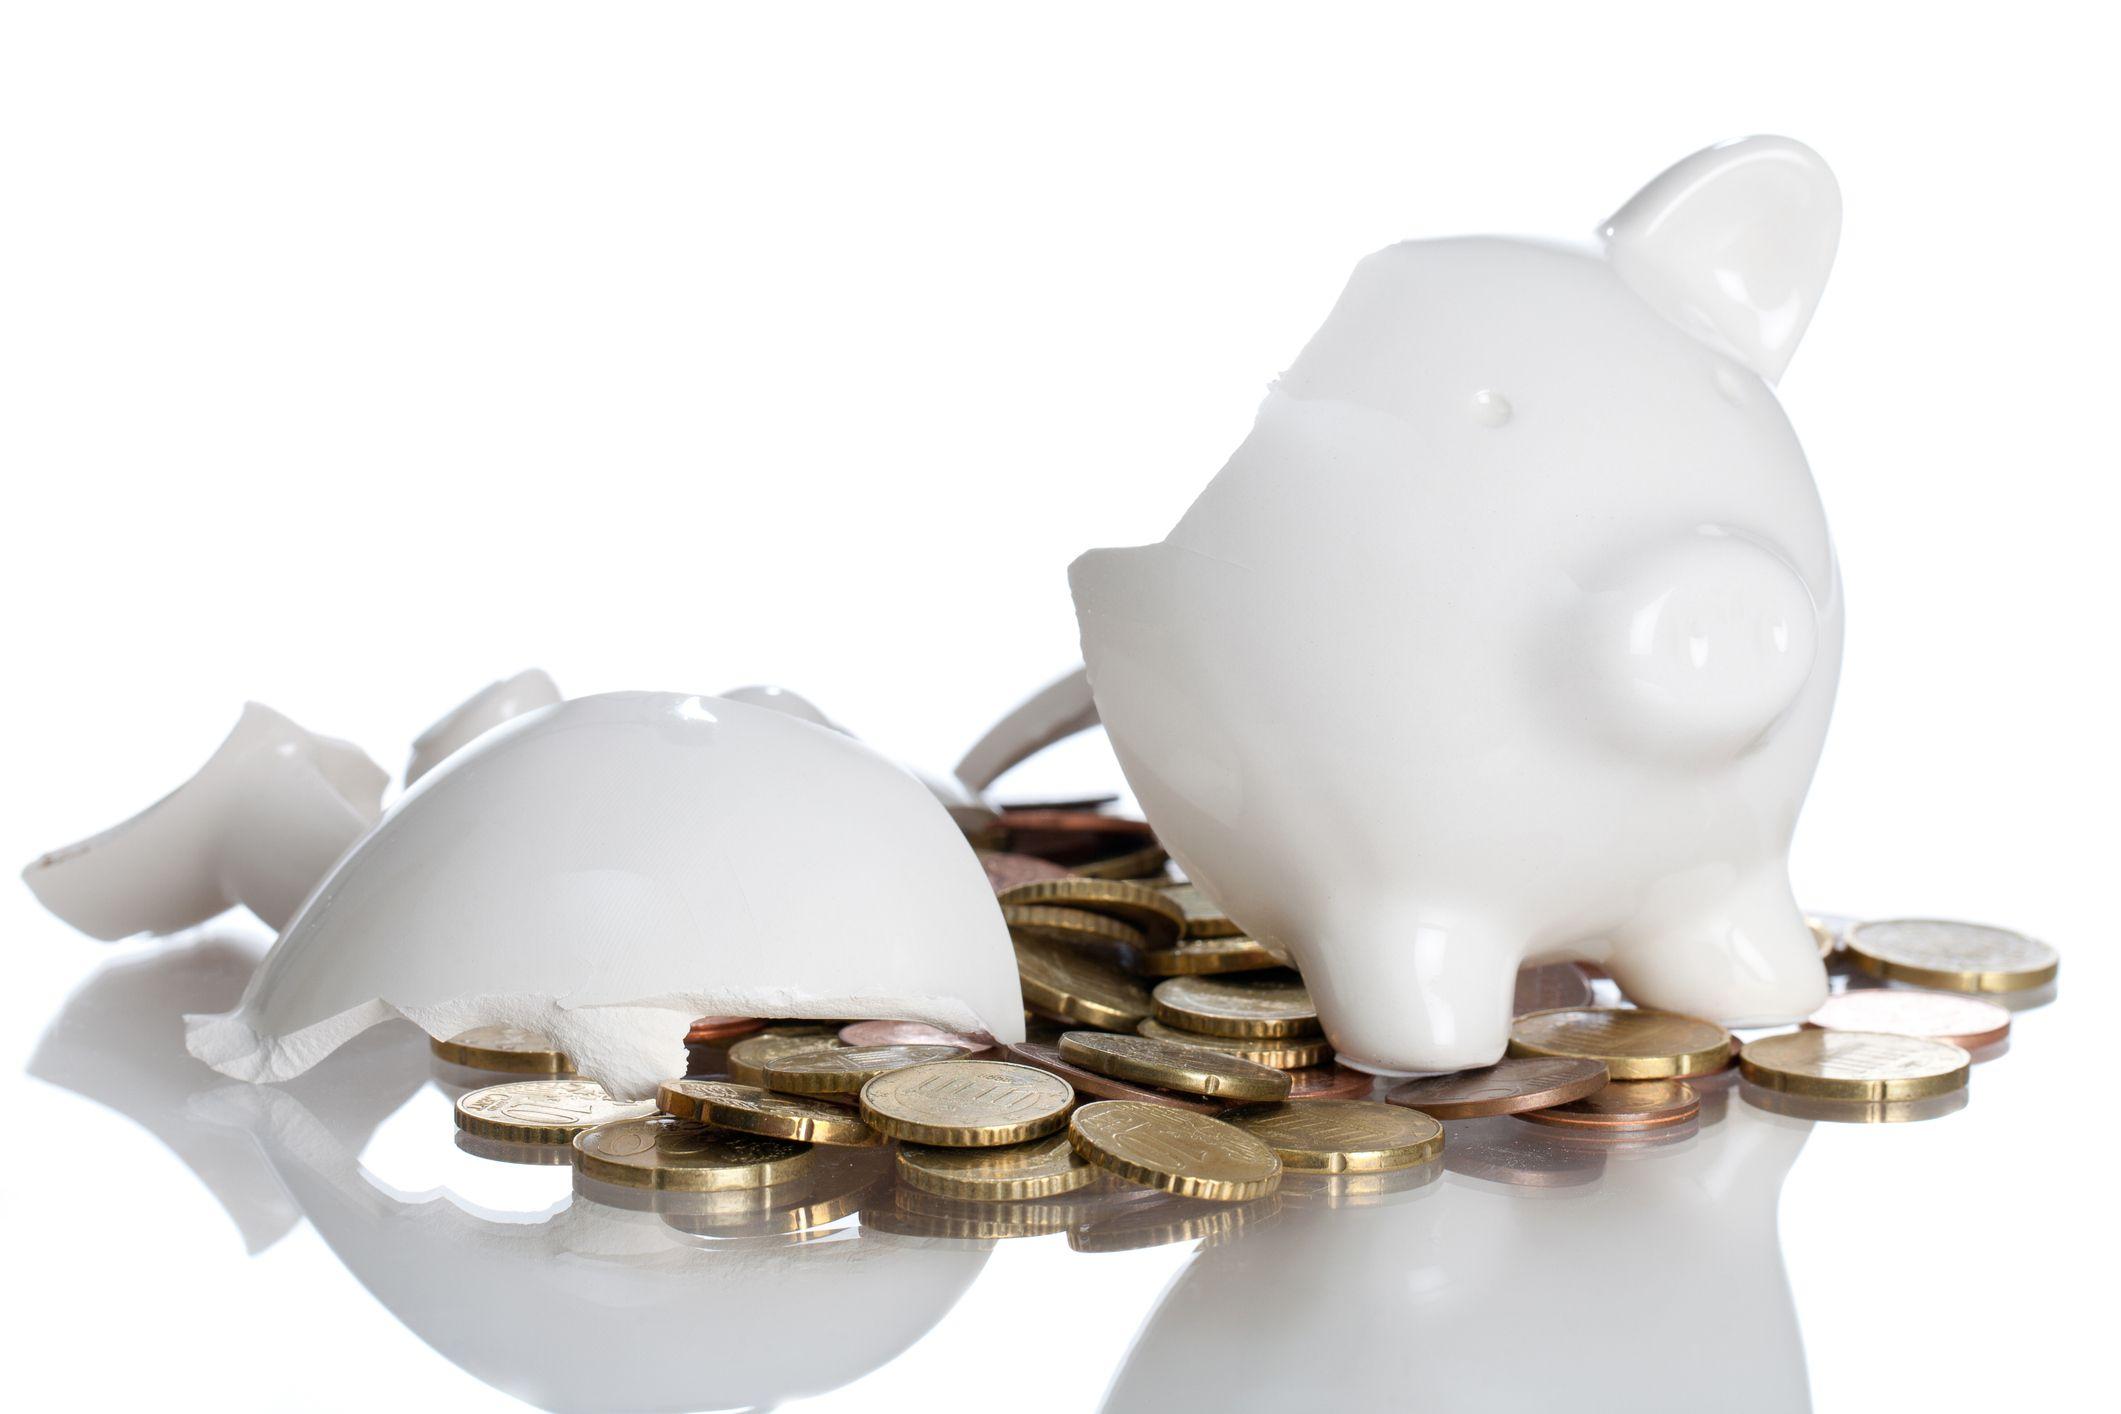 Coins spill out from a broken piggy bank.